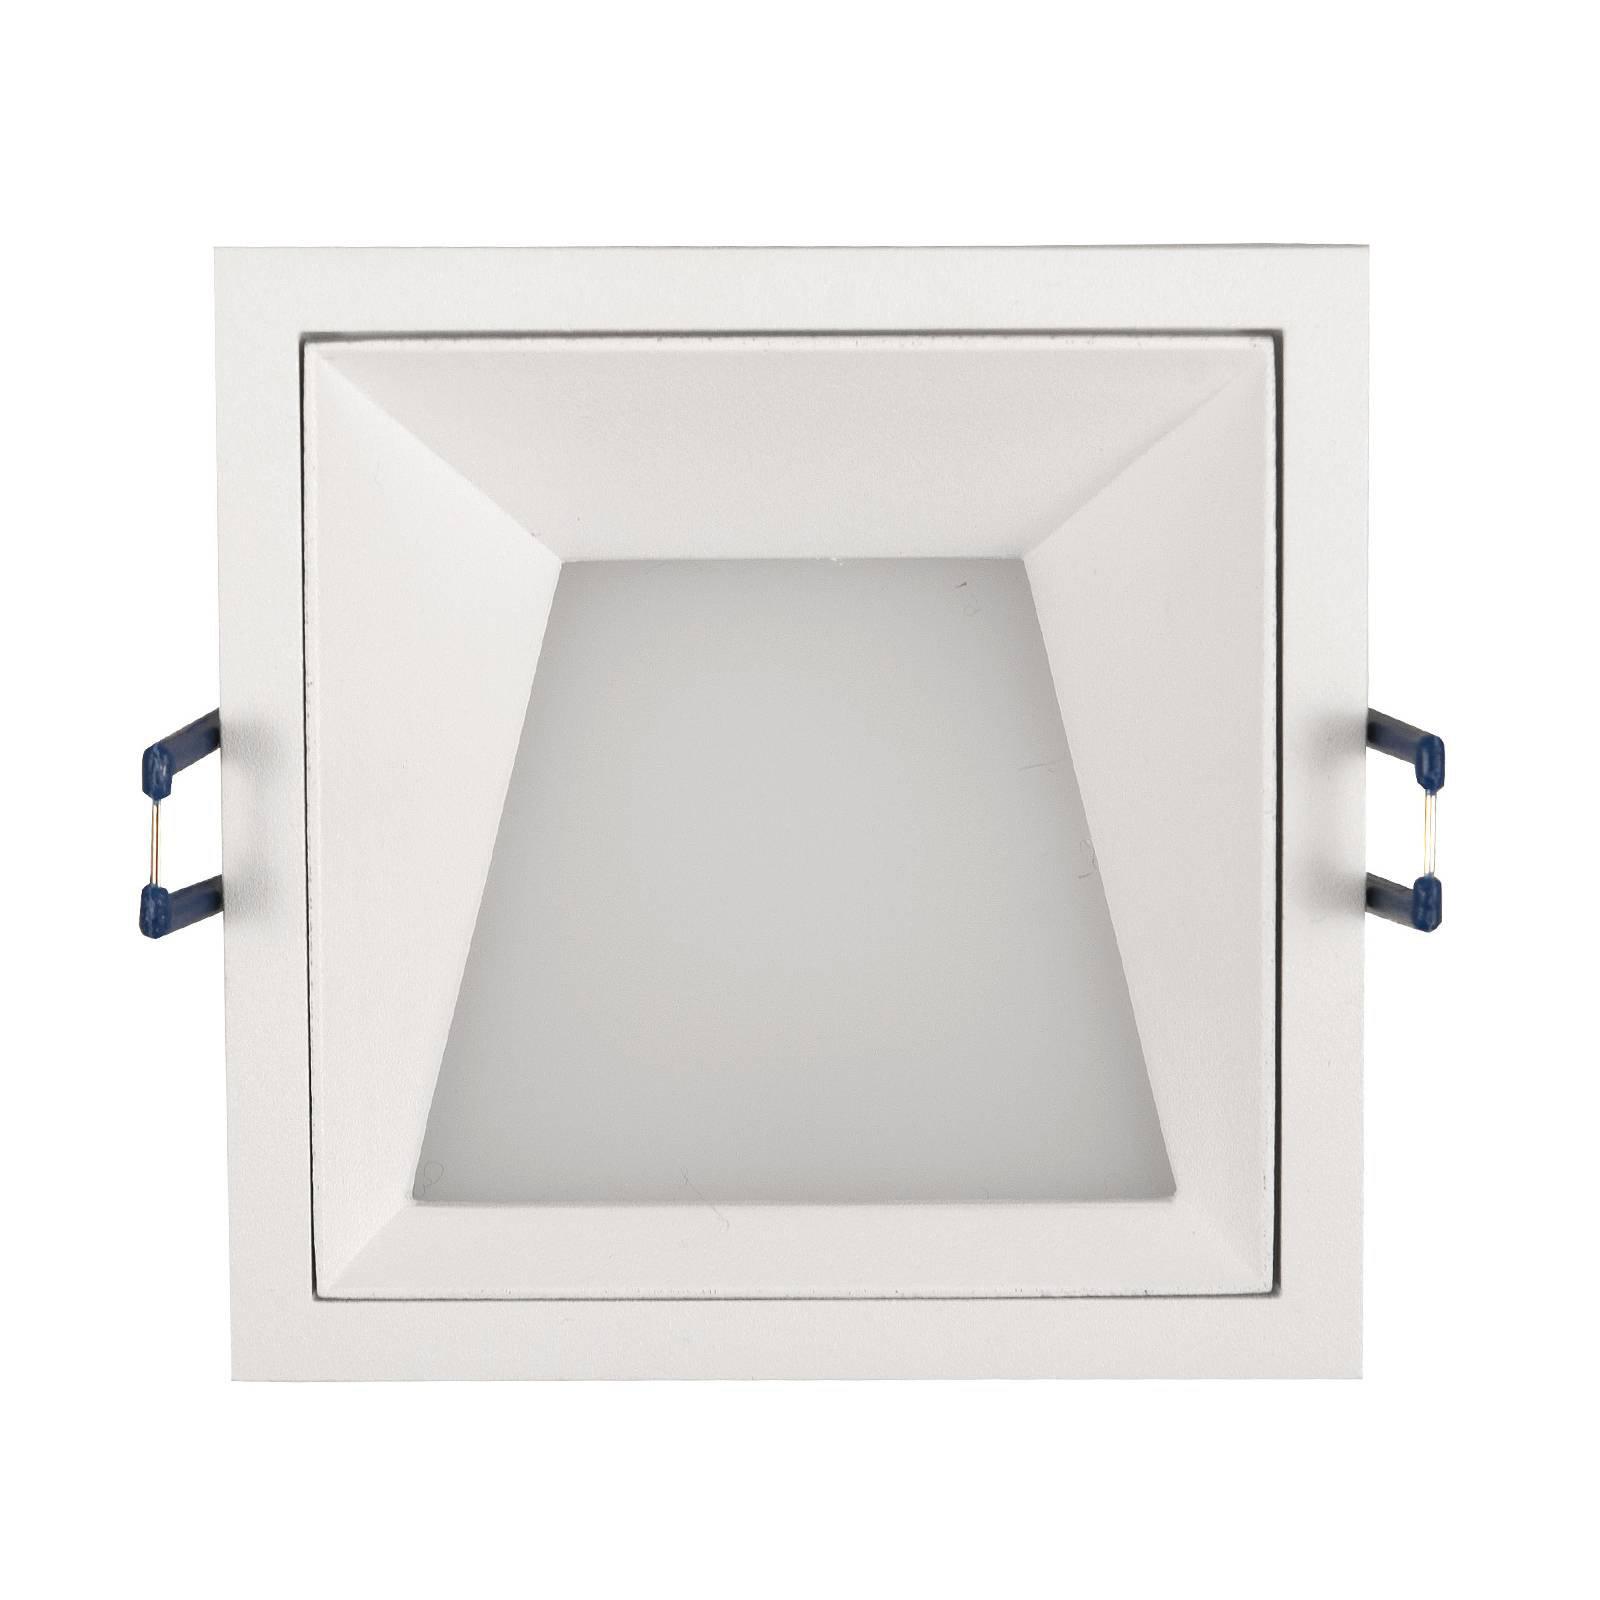 Innfellingslampe Kris Rahmen 3 000 K asymmetrisk h